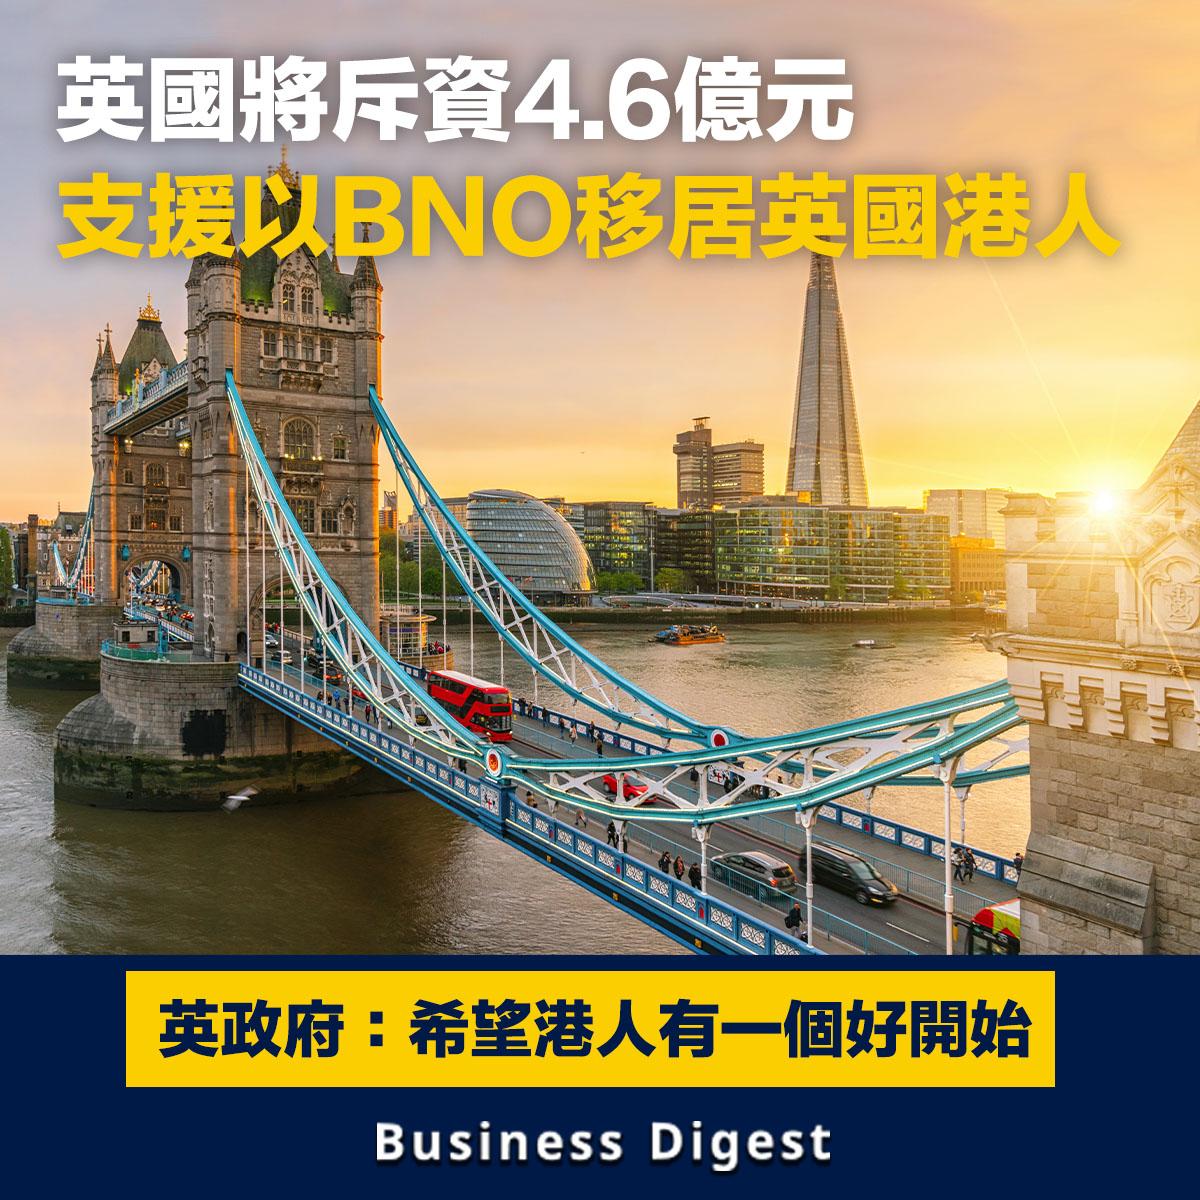 為吸引更多港人移居英國,據《彭博》報導,英國政府宣布將斥資4,300萬英鎊(約4.6億港元),向以BNO身分移居英國港人提供支援。